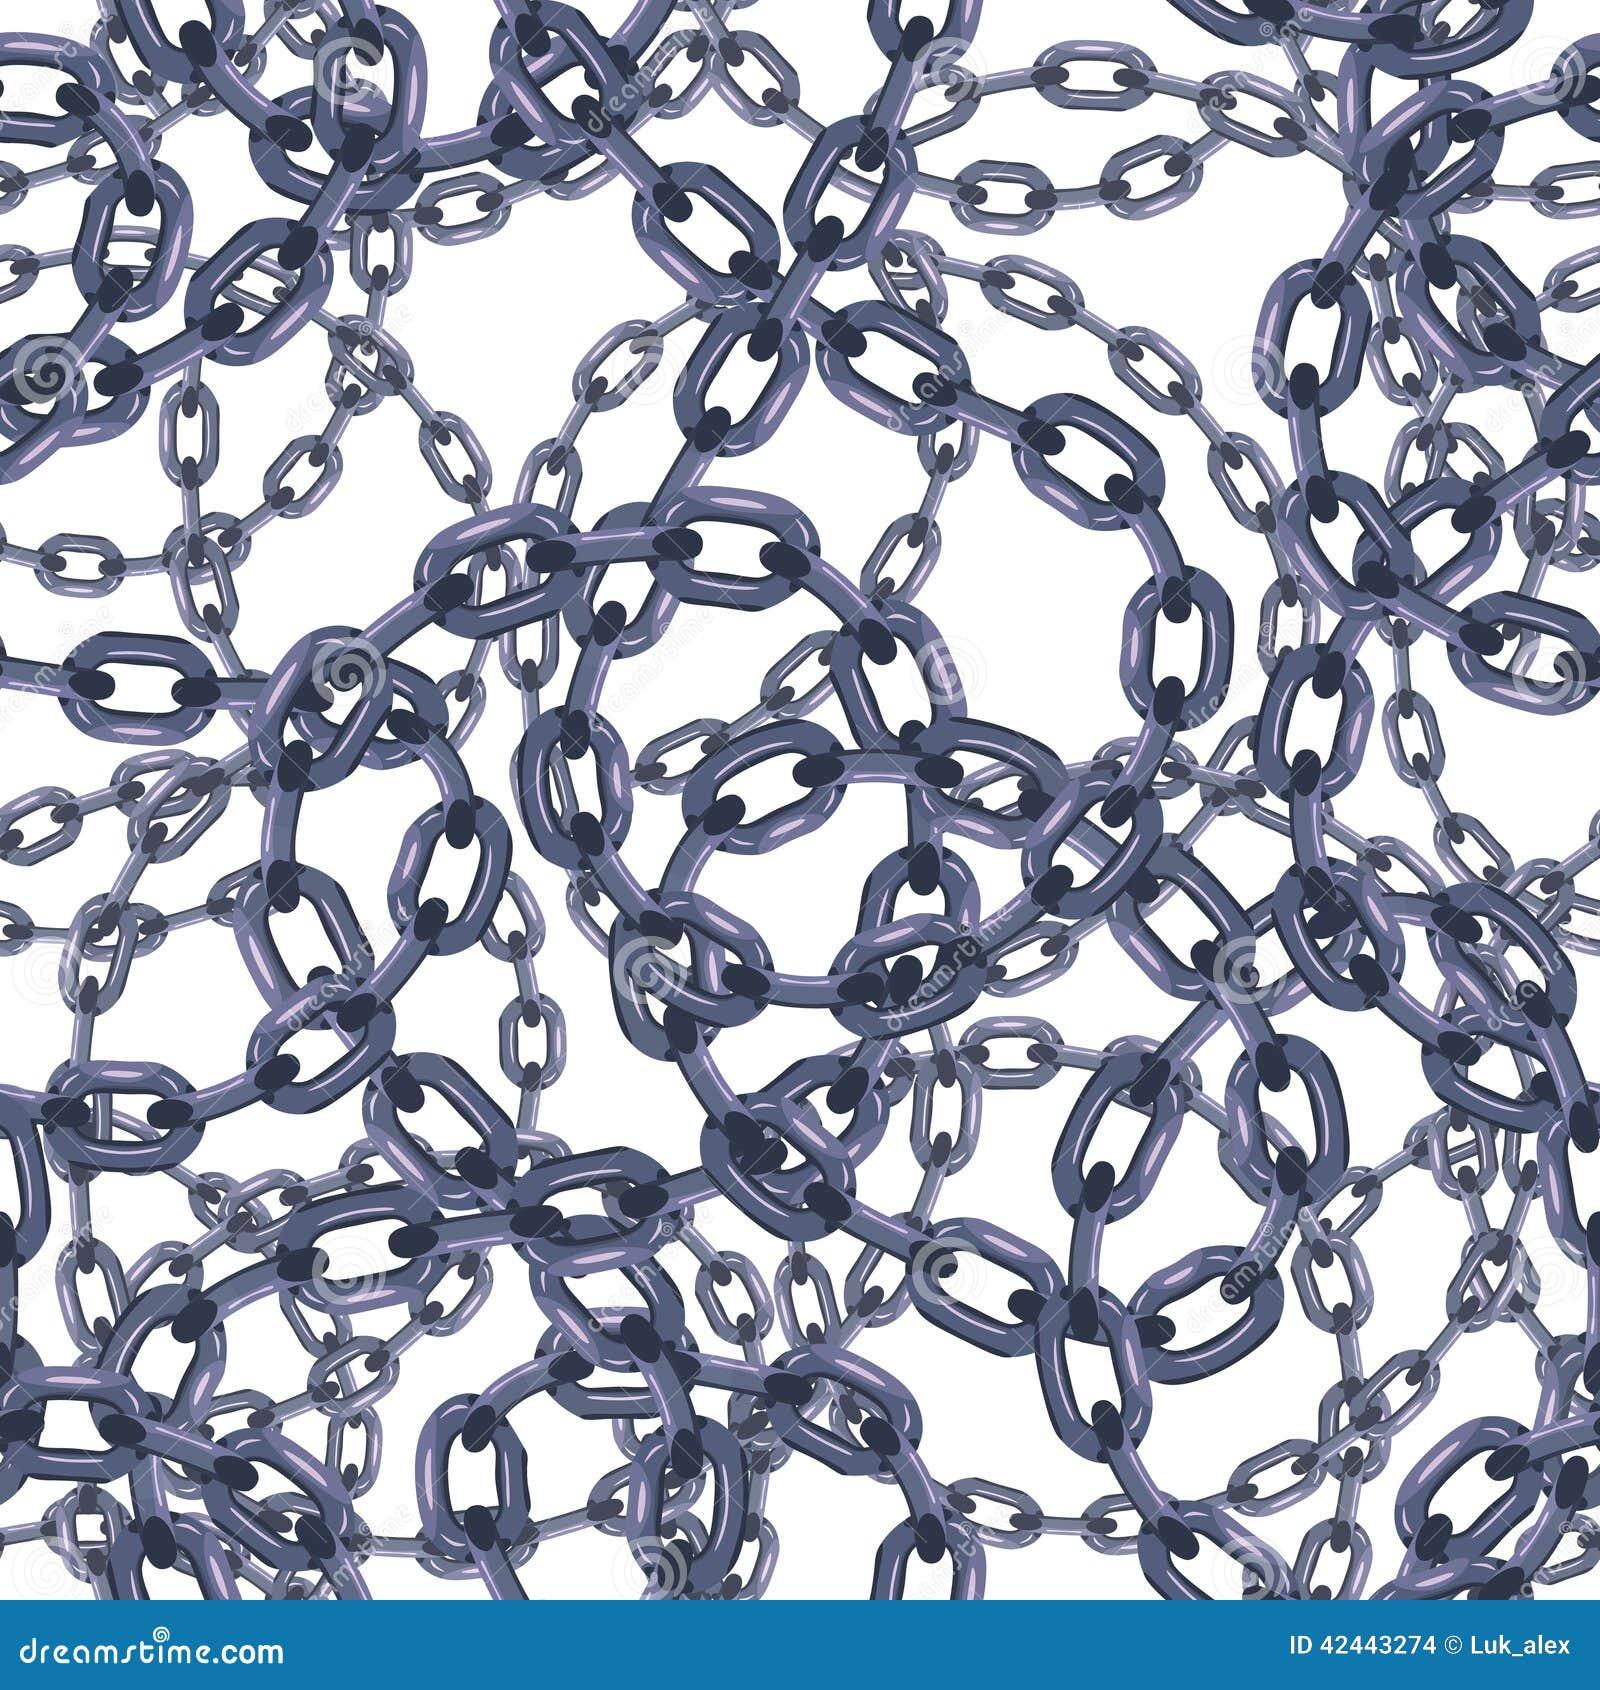 Conexiones de cadena del metal